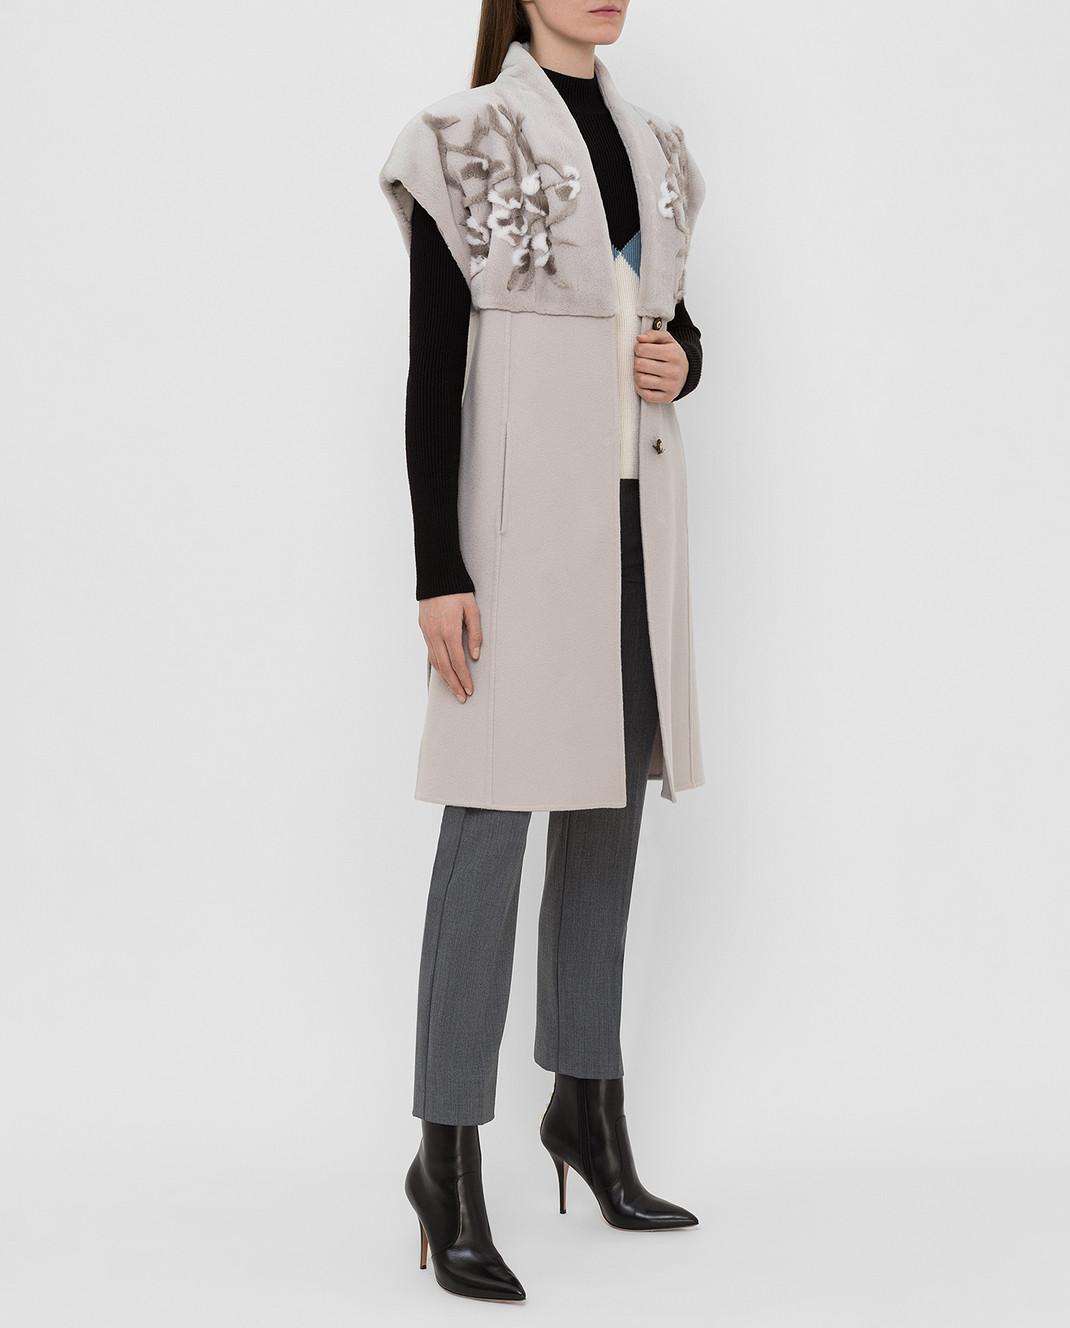 Rindi Светло-серый жилет из кашемира с мехом норки изображение 2